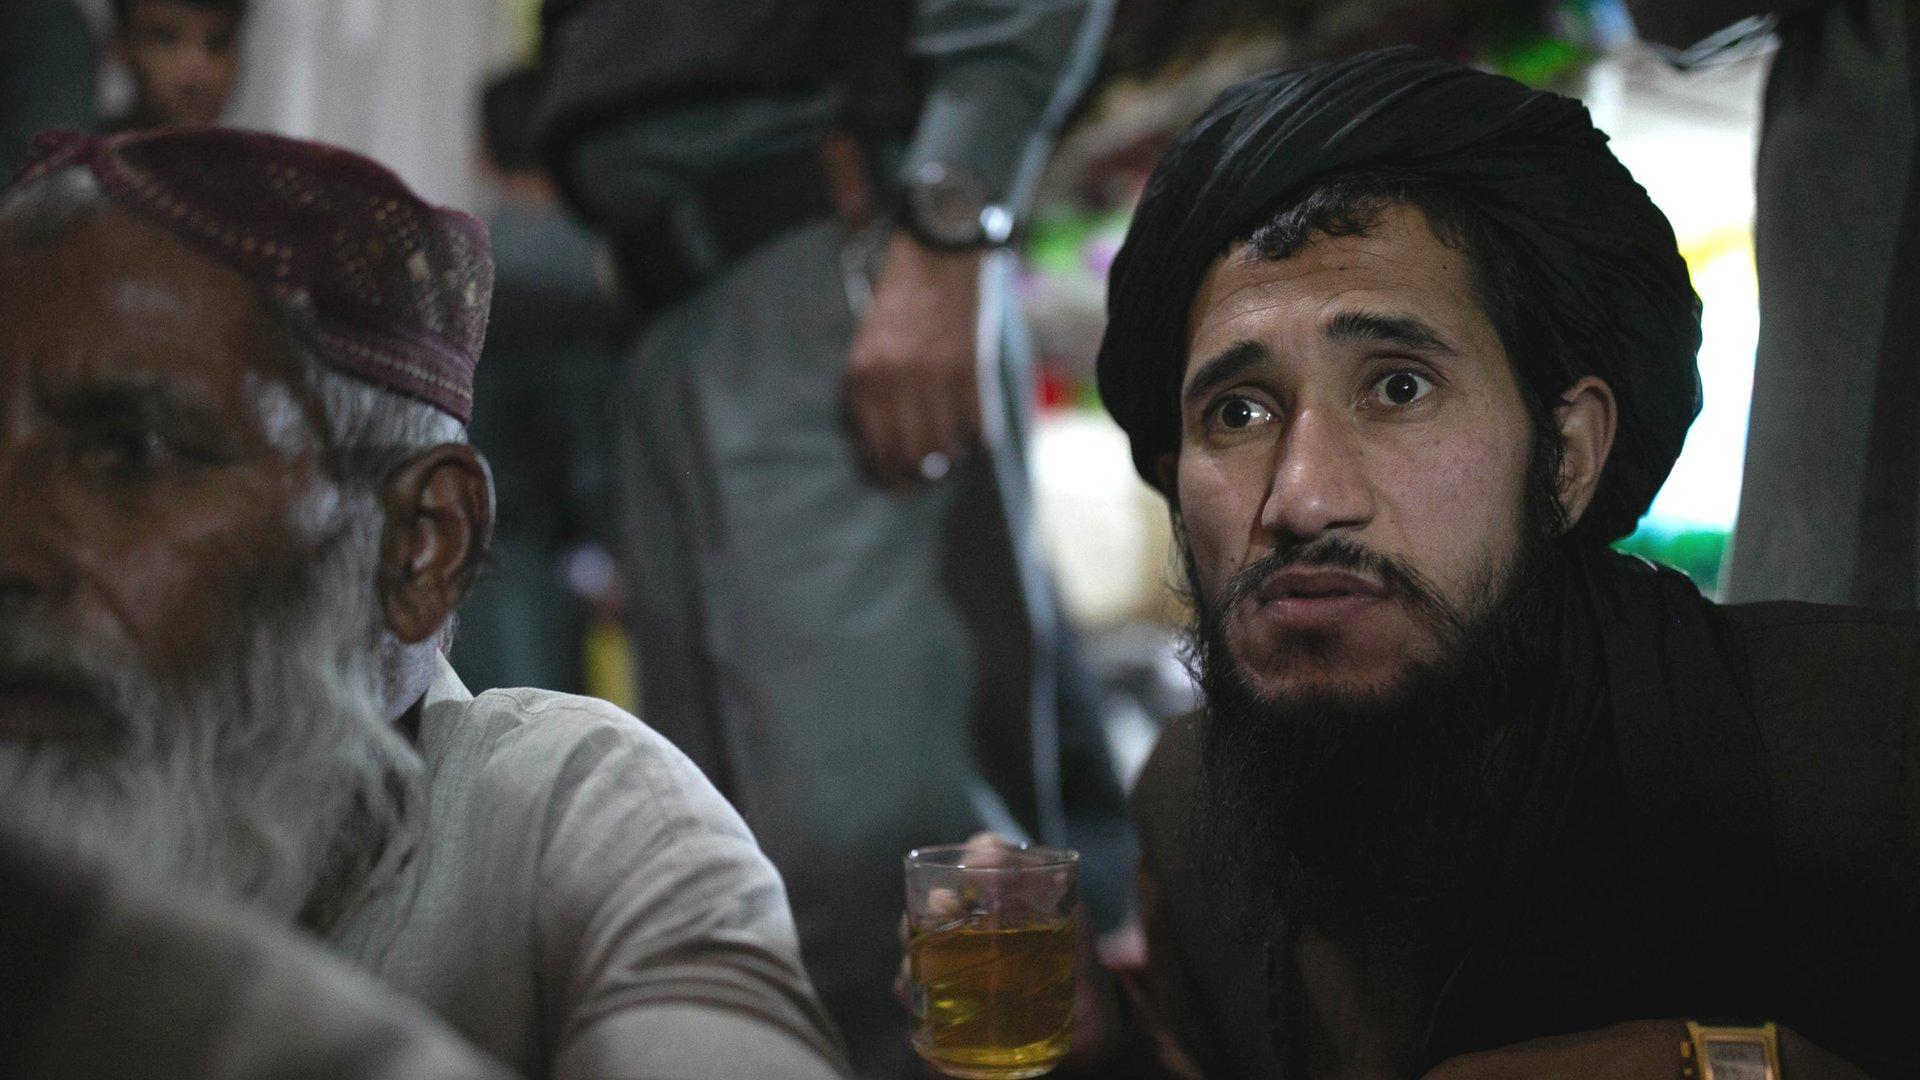 Talib prisoner in Pul-e-Charkhi prison